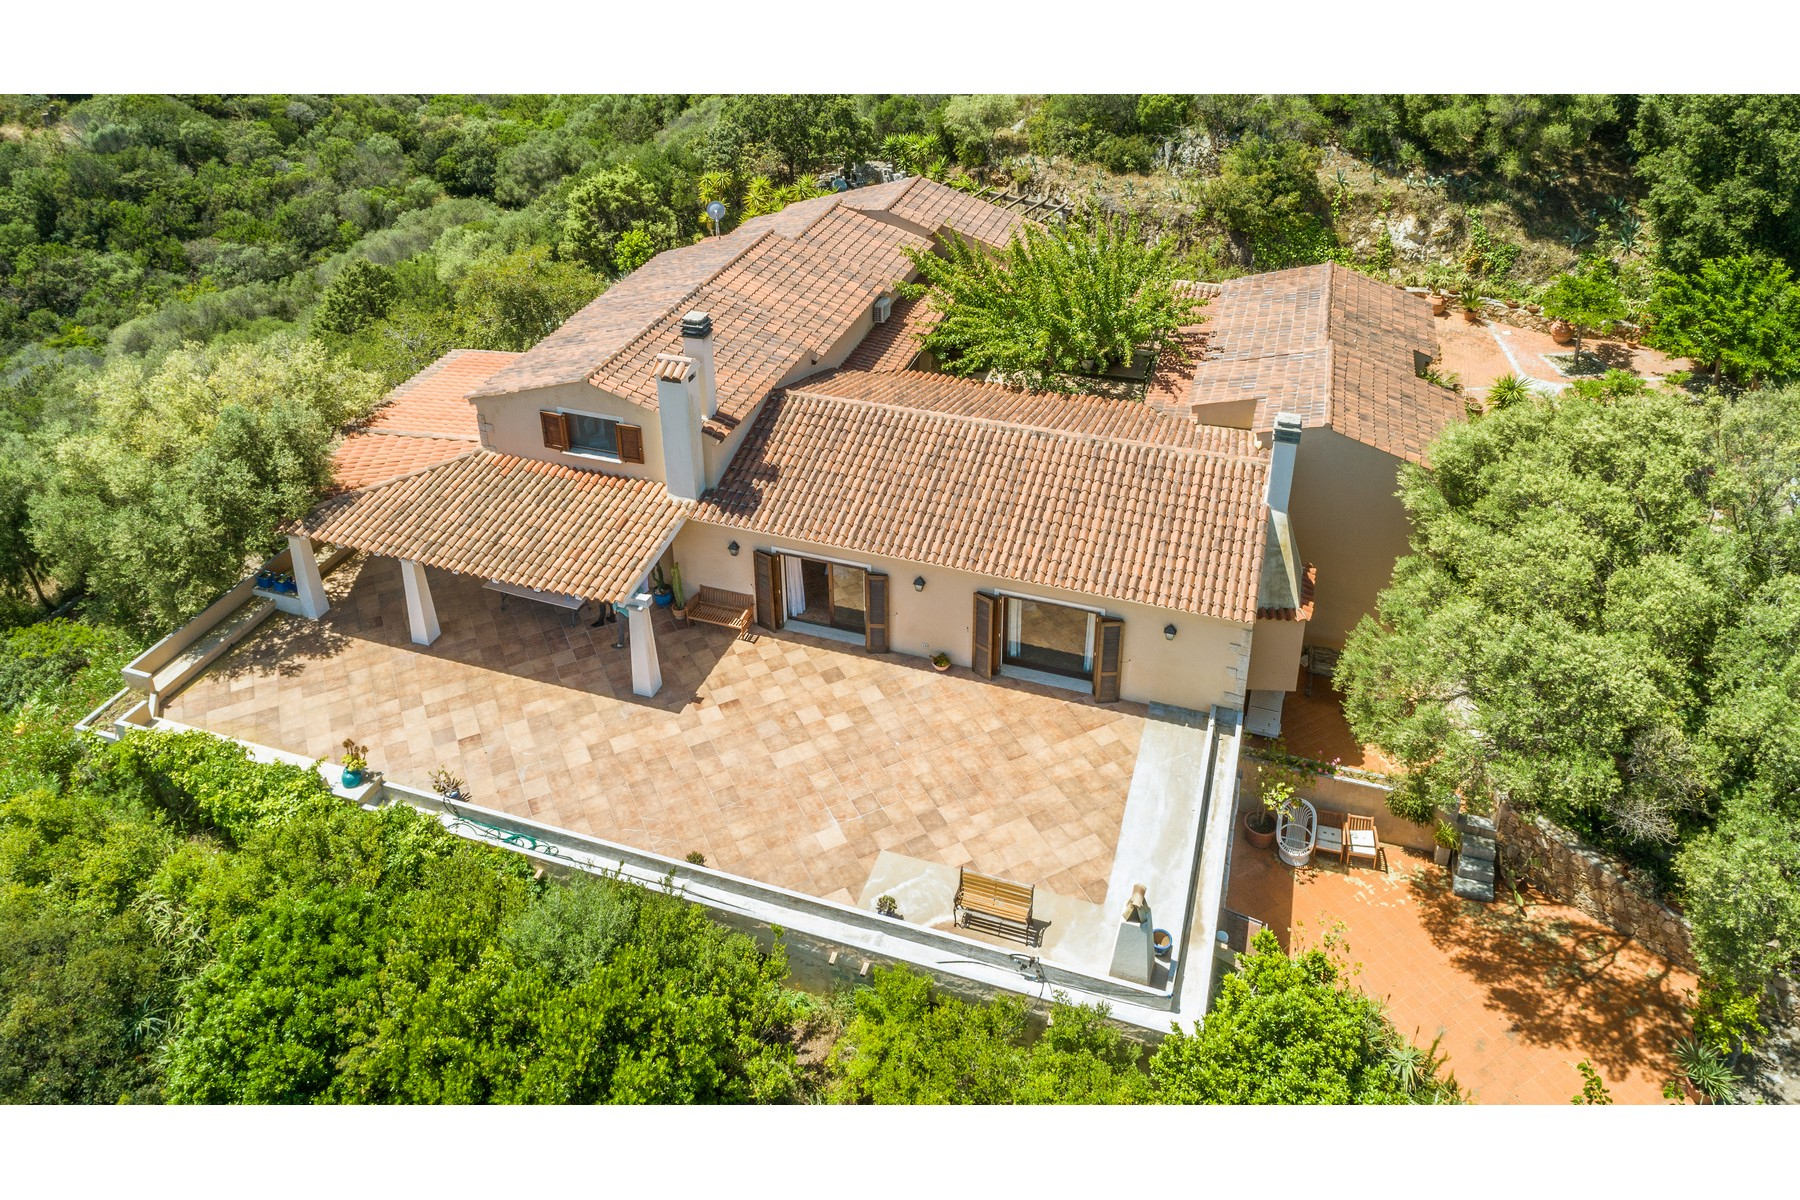 Villa in Vendita a Olbia: 5 locali, 483 mq